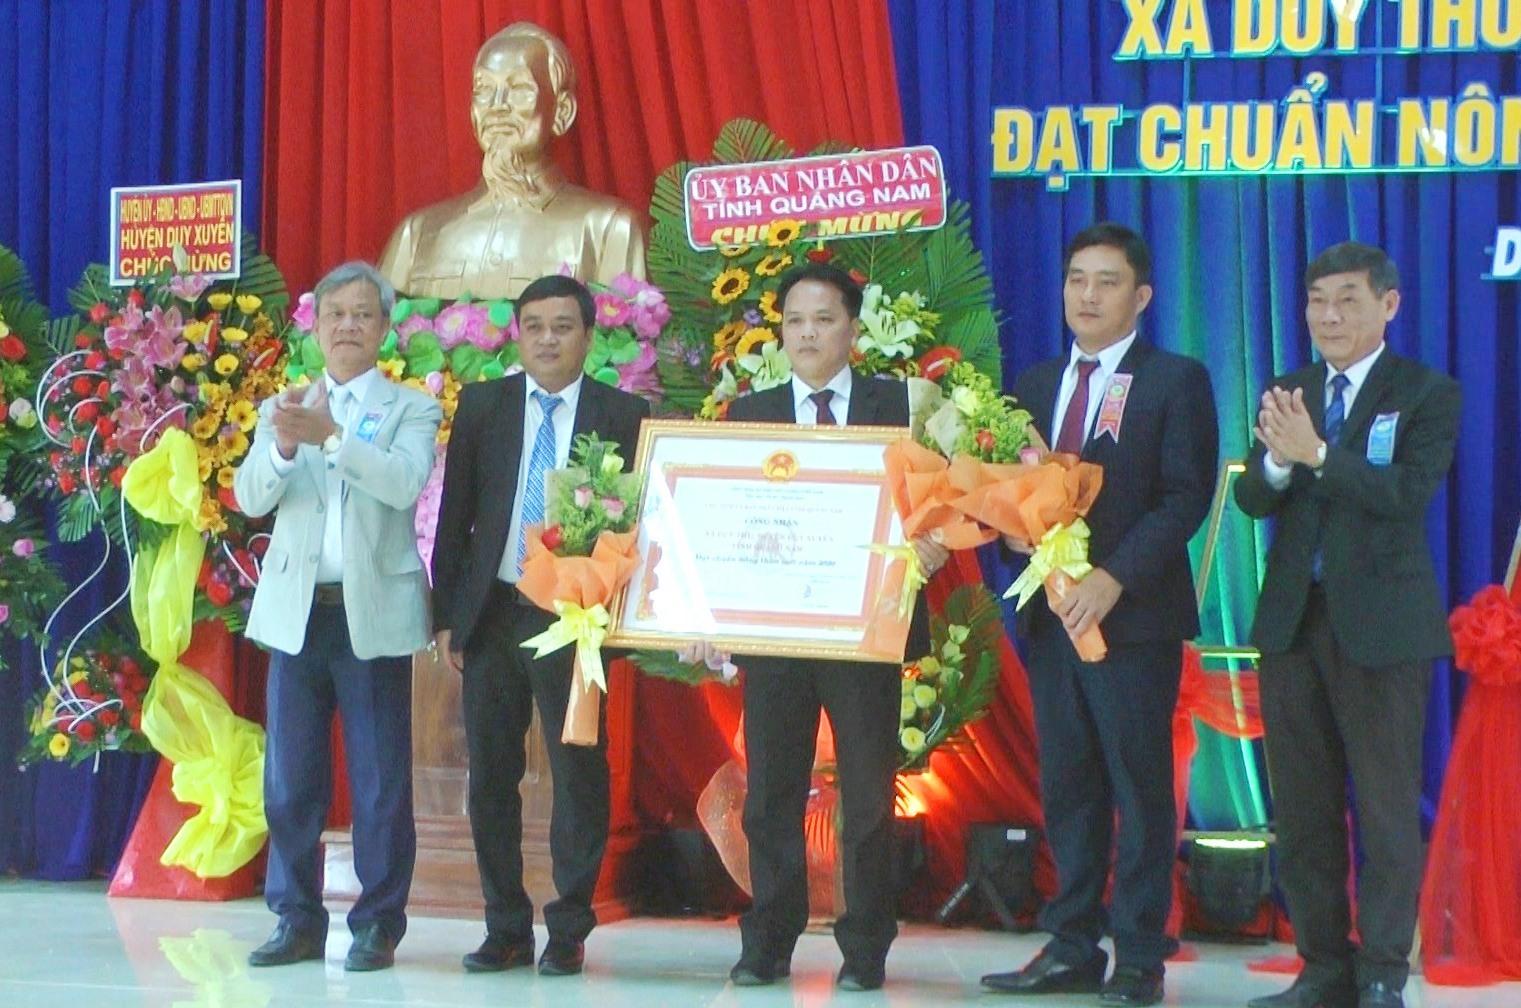 Đại diện lãnh đạo Văn phòng điều phối NTM tỉnh và huyện Duy Xuyên trao bằng công nhận xã đạt chuẩn nông thôn mới cho xã Duy Thu. Ảnh: T.P